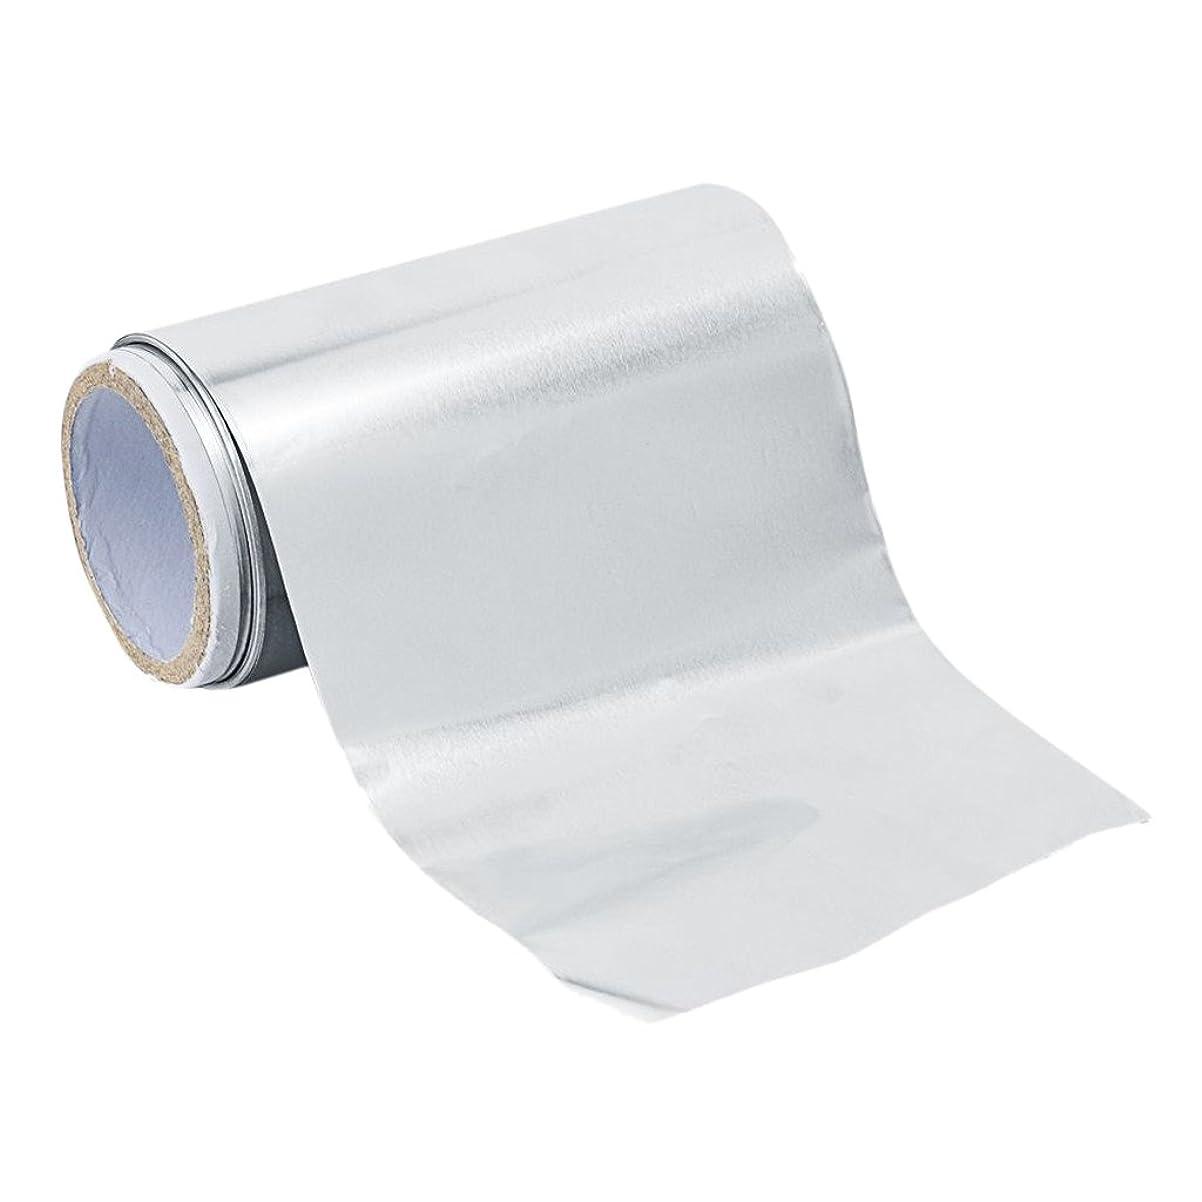 講堂汚いアメリカFenteer アルミニウム ヘア/ネイル用 錫箔紙 ネイルアート 爪化粧用具  クリーナーツール ジェル除却 5m